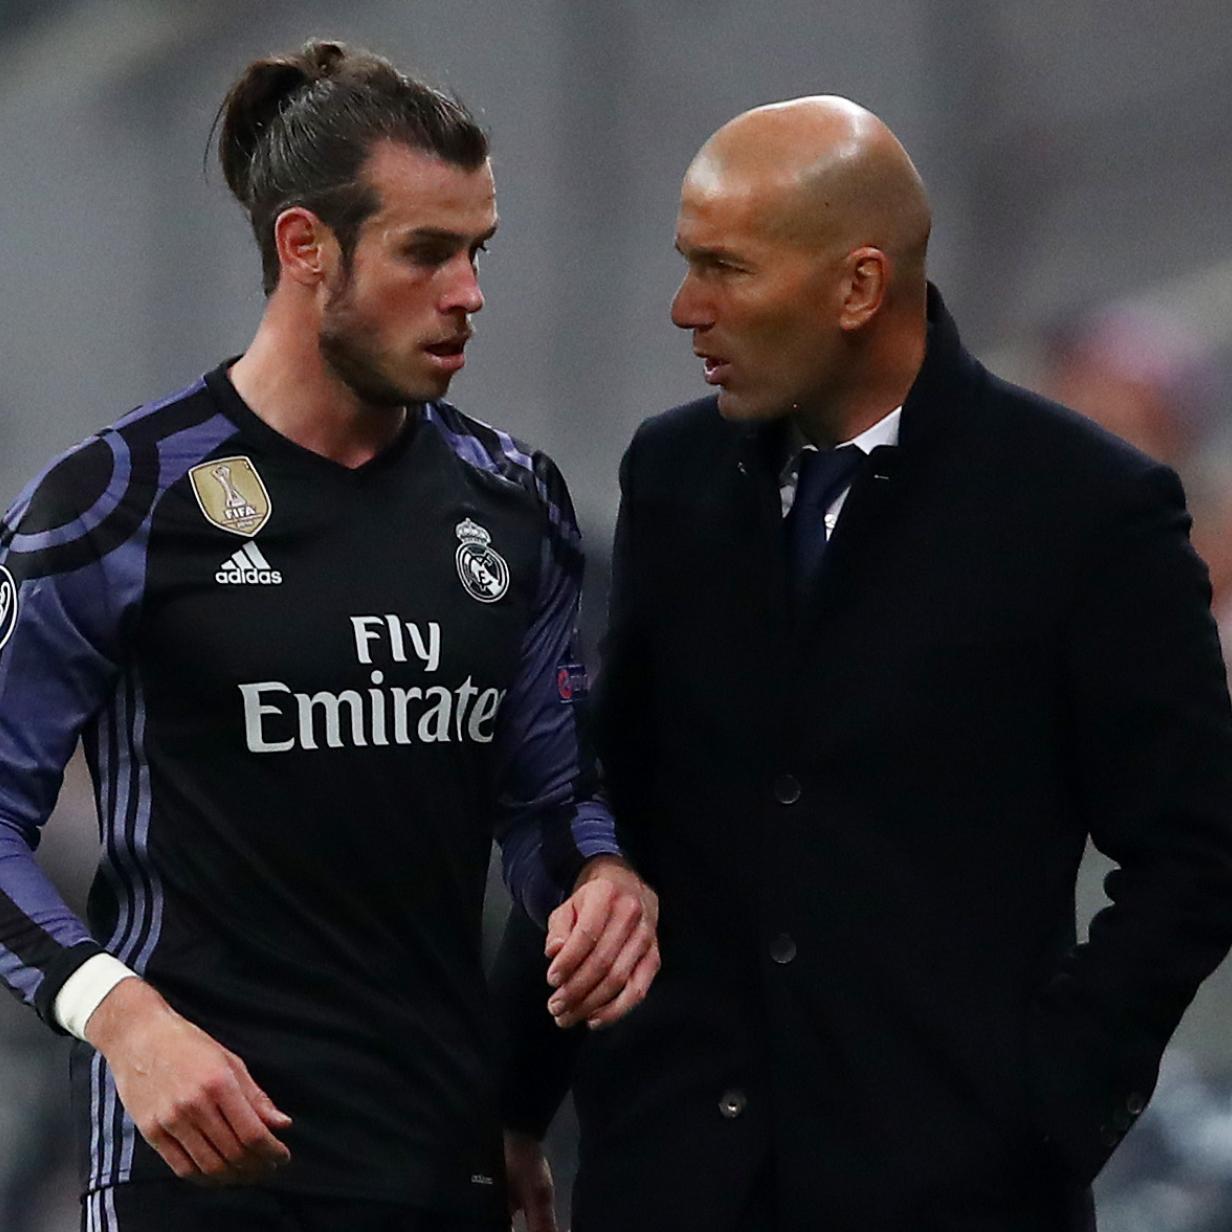 """Zidane drängt auf Bale-Abgang: """"Hoffen, dass er bald geht"""""""